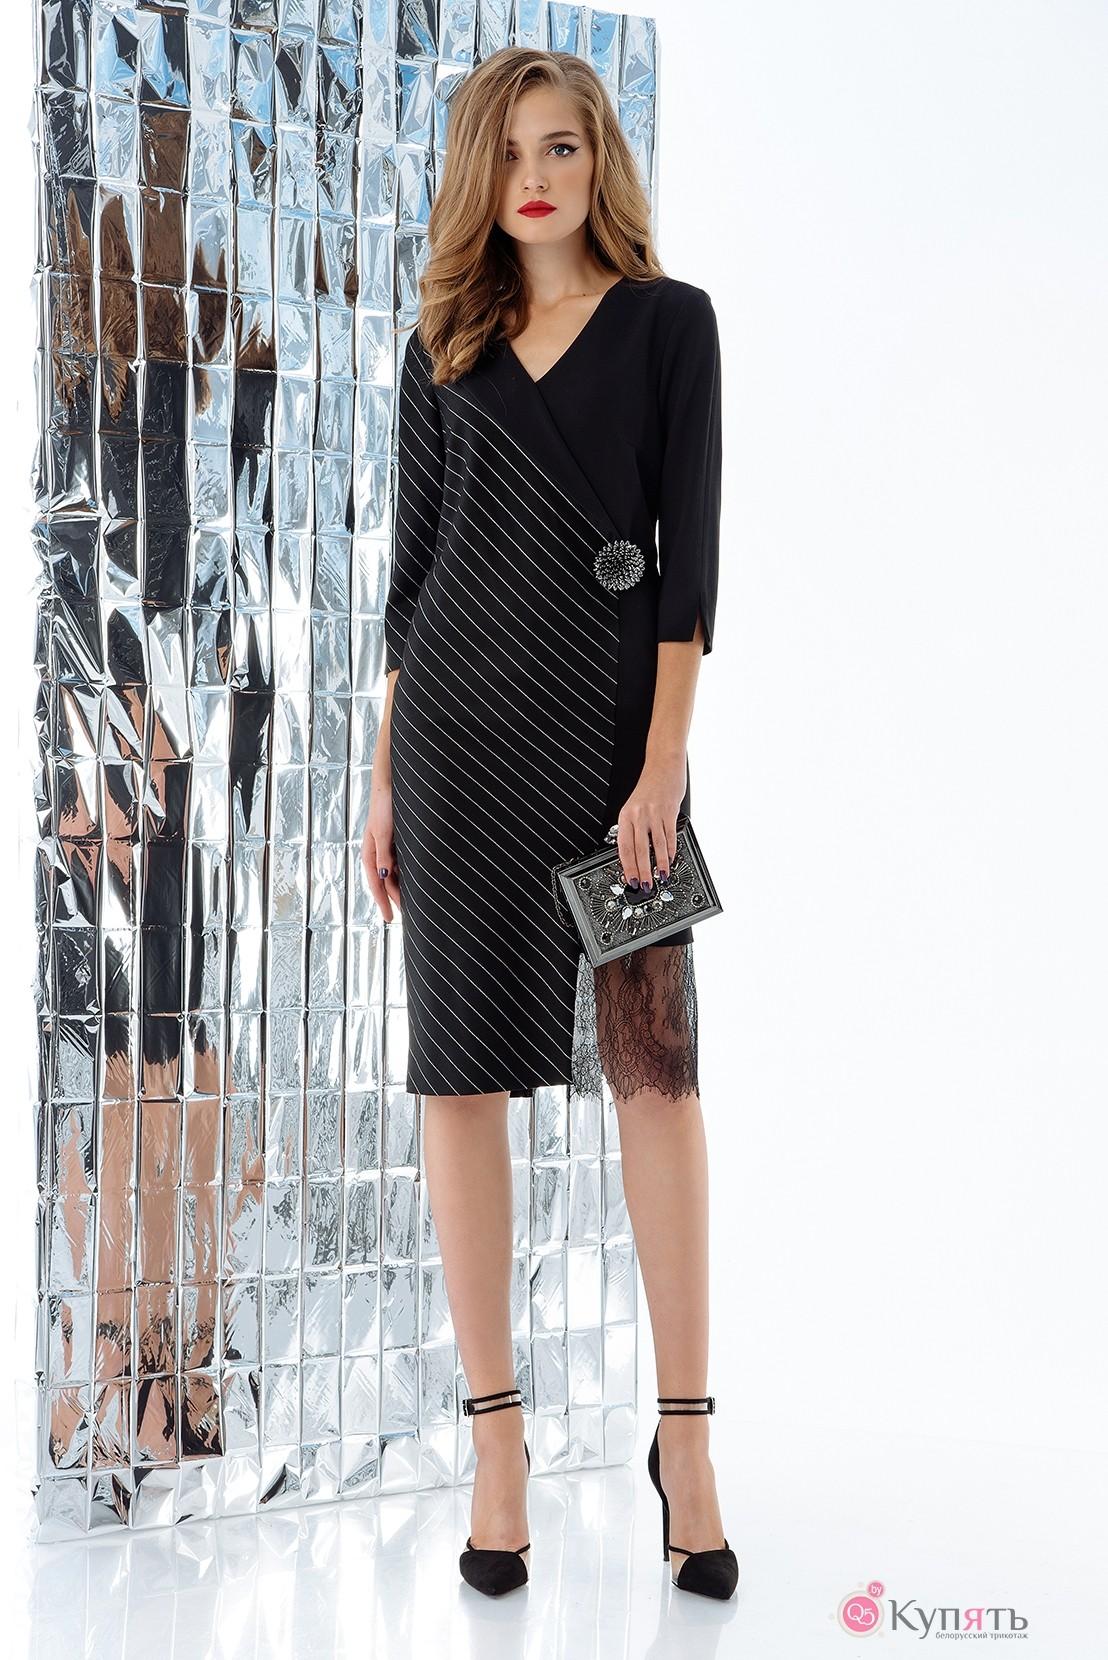 ea548b37722 Платье GIZART 7083 - интернет-магазин женской одежды